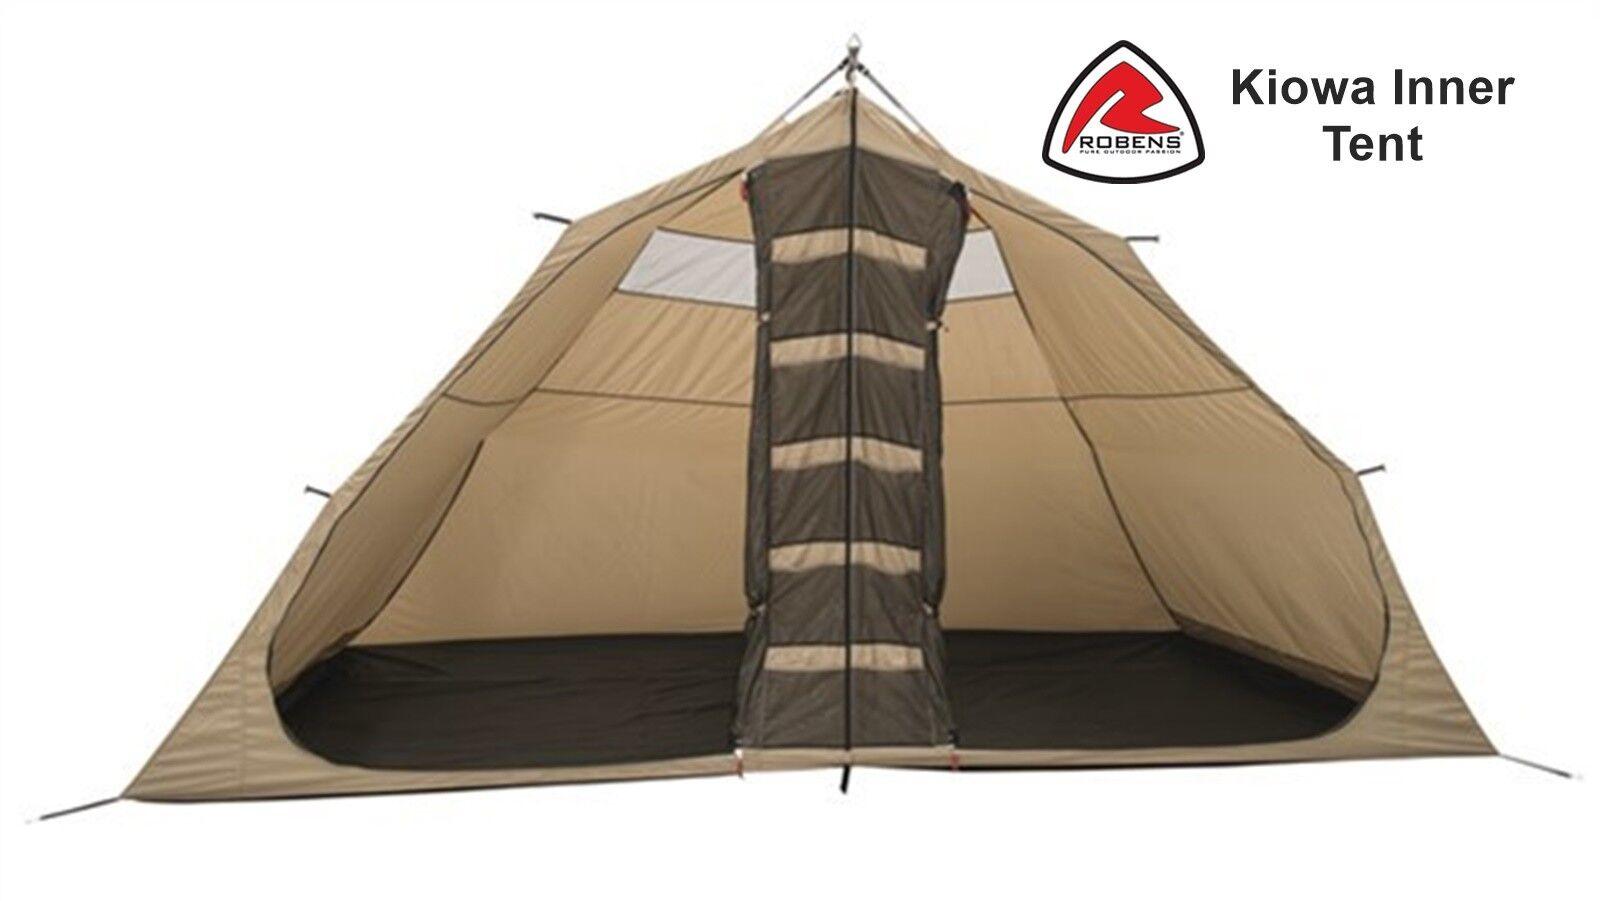 Robens Inner Tent Kiowa - 2017 Model